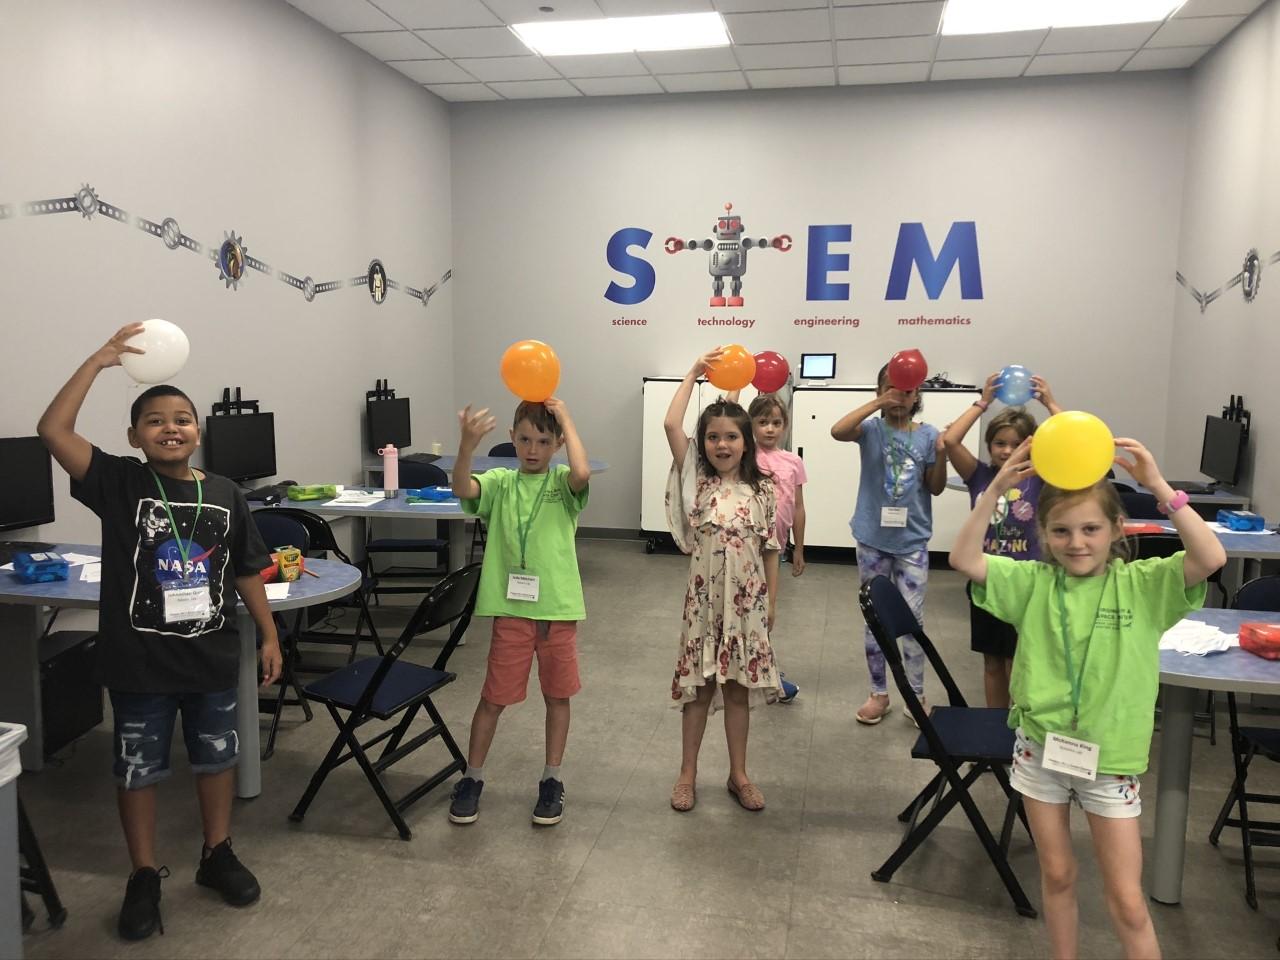 Kids at Camp NASA.